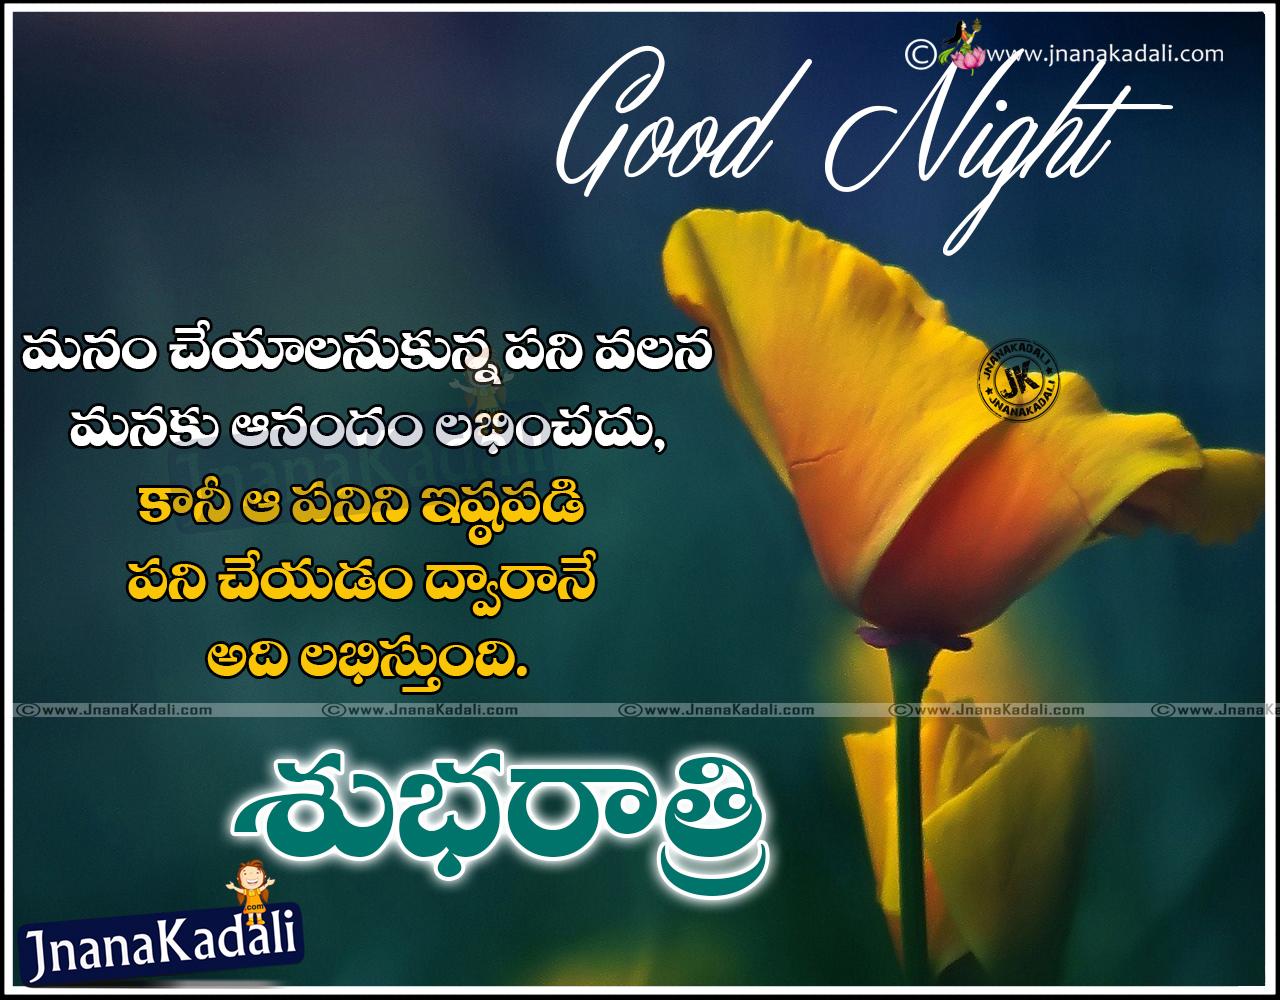 Good Night Wishes And Greeting Cards Jnana Kadali Telugu